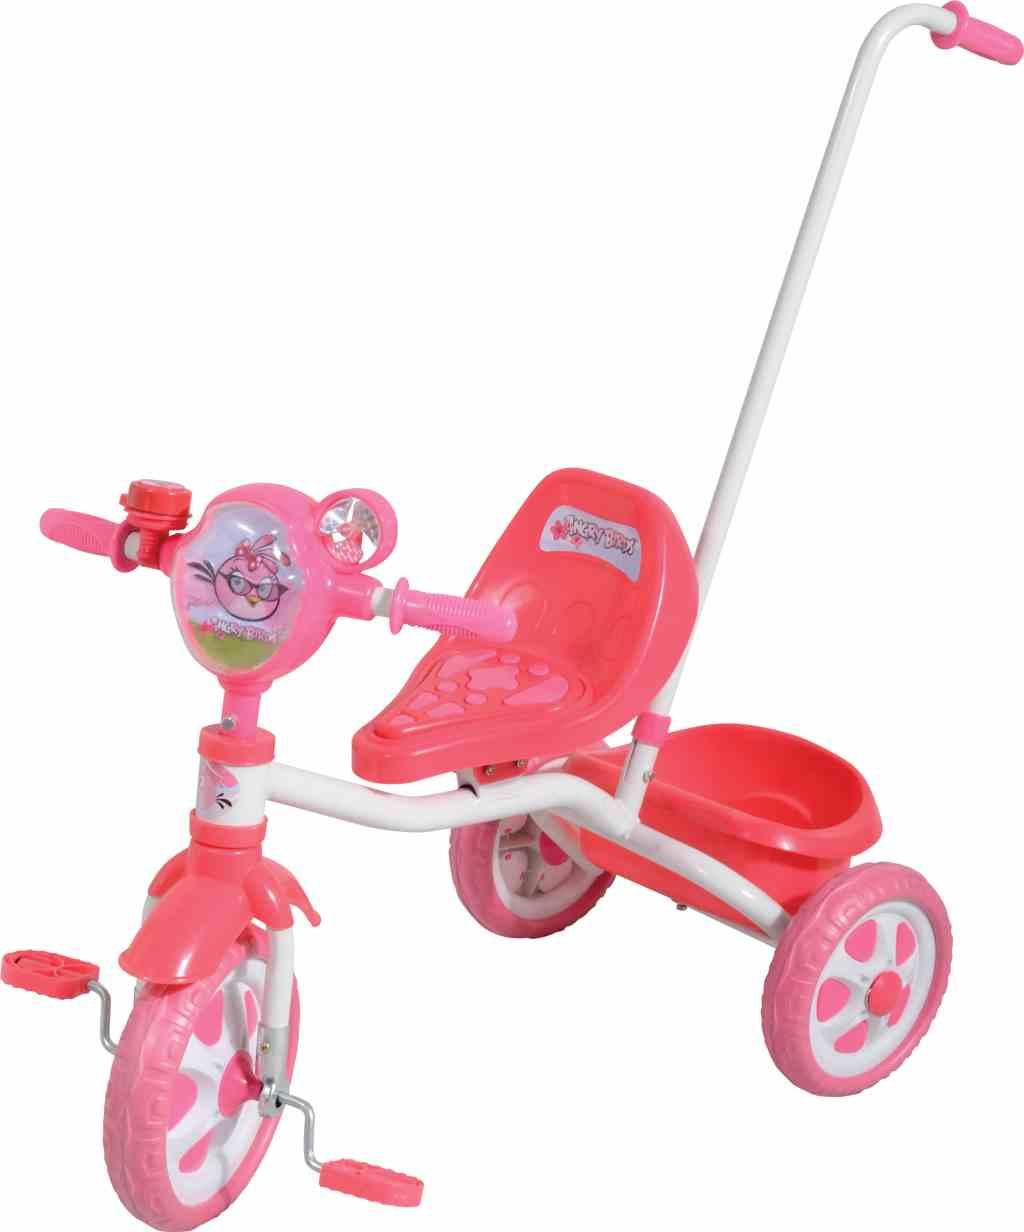 Трехколесный детский велосипед Angry Birds - Стелла